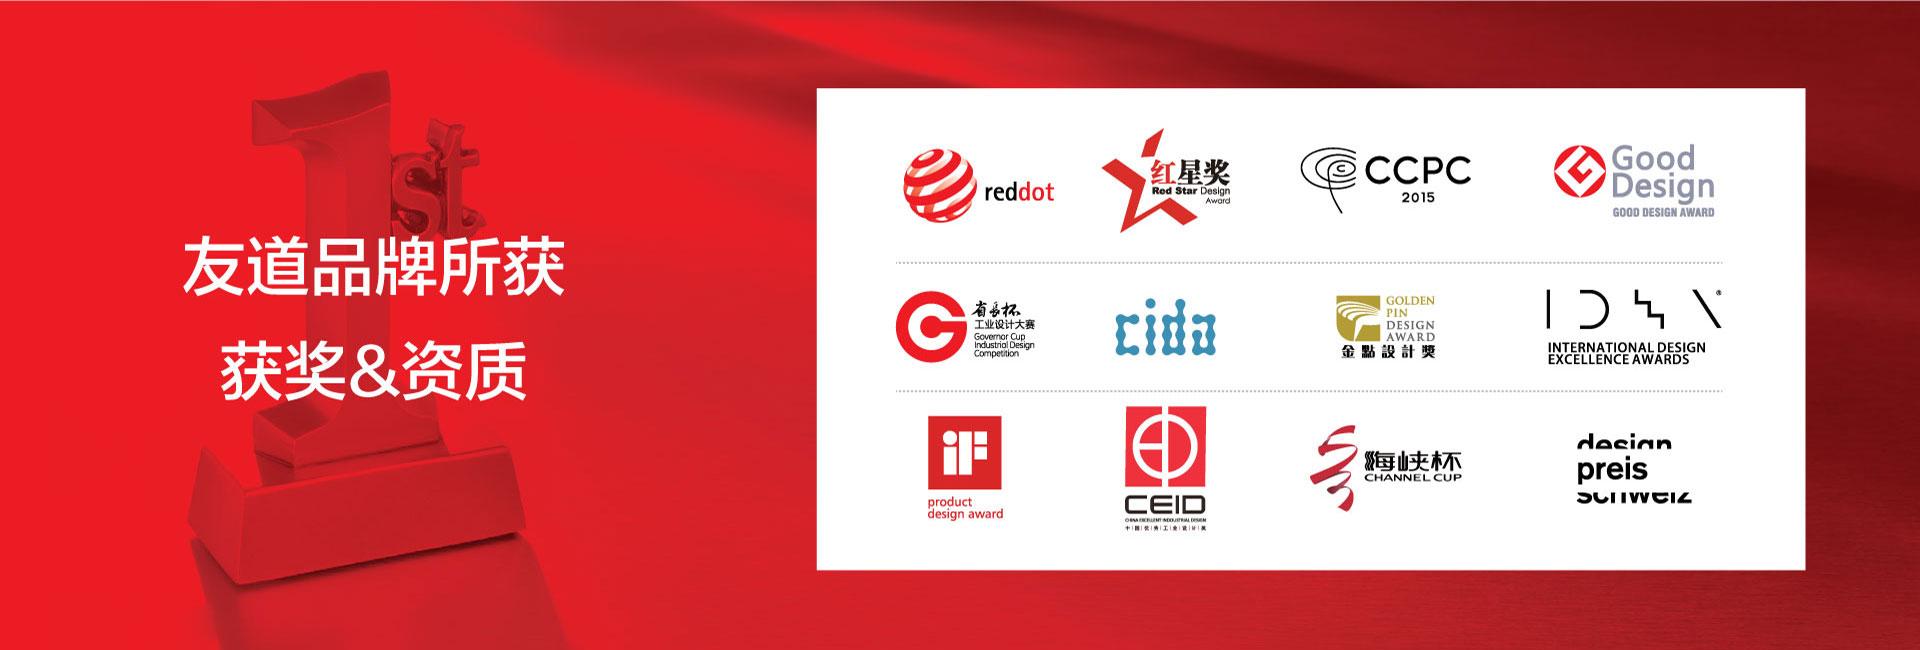 青岛顶尖的广告设计公司,开创品牌形象设计潮流!